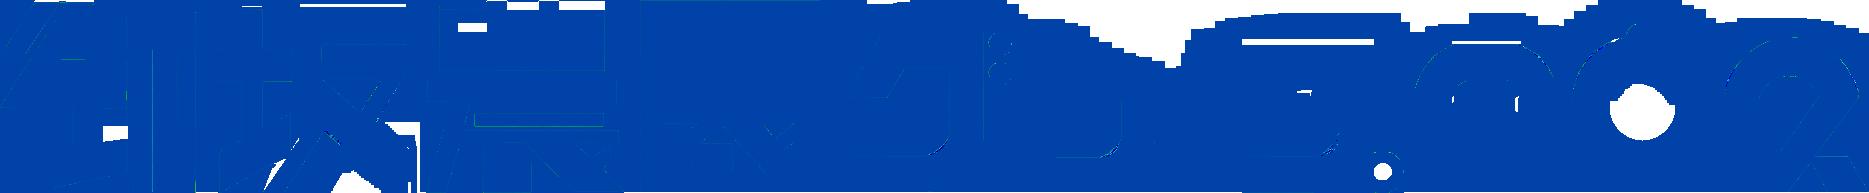 山梨の桃狩り・ぶどう狩り・食べ放題【御坂農園グレープハウス】